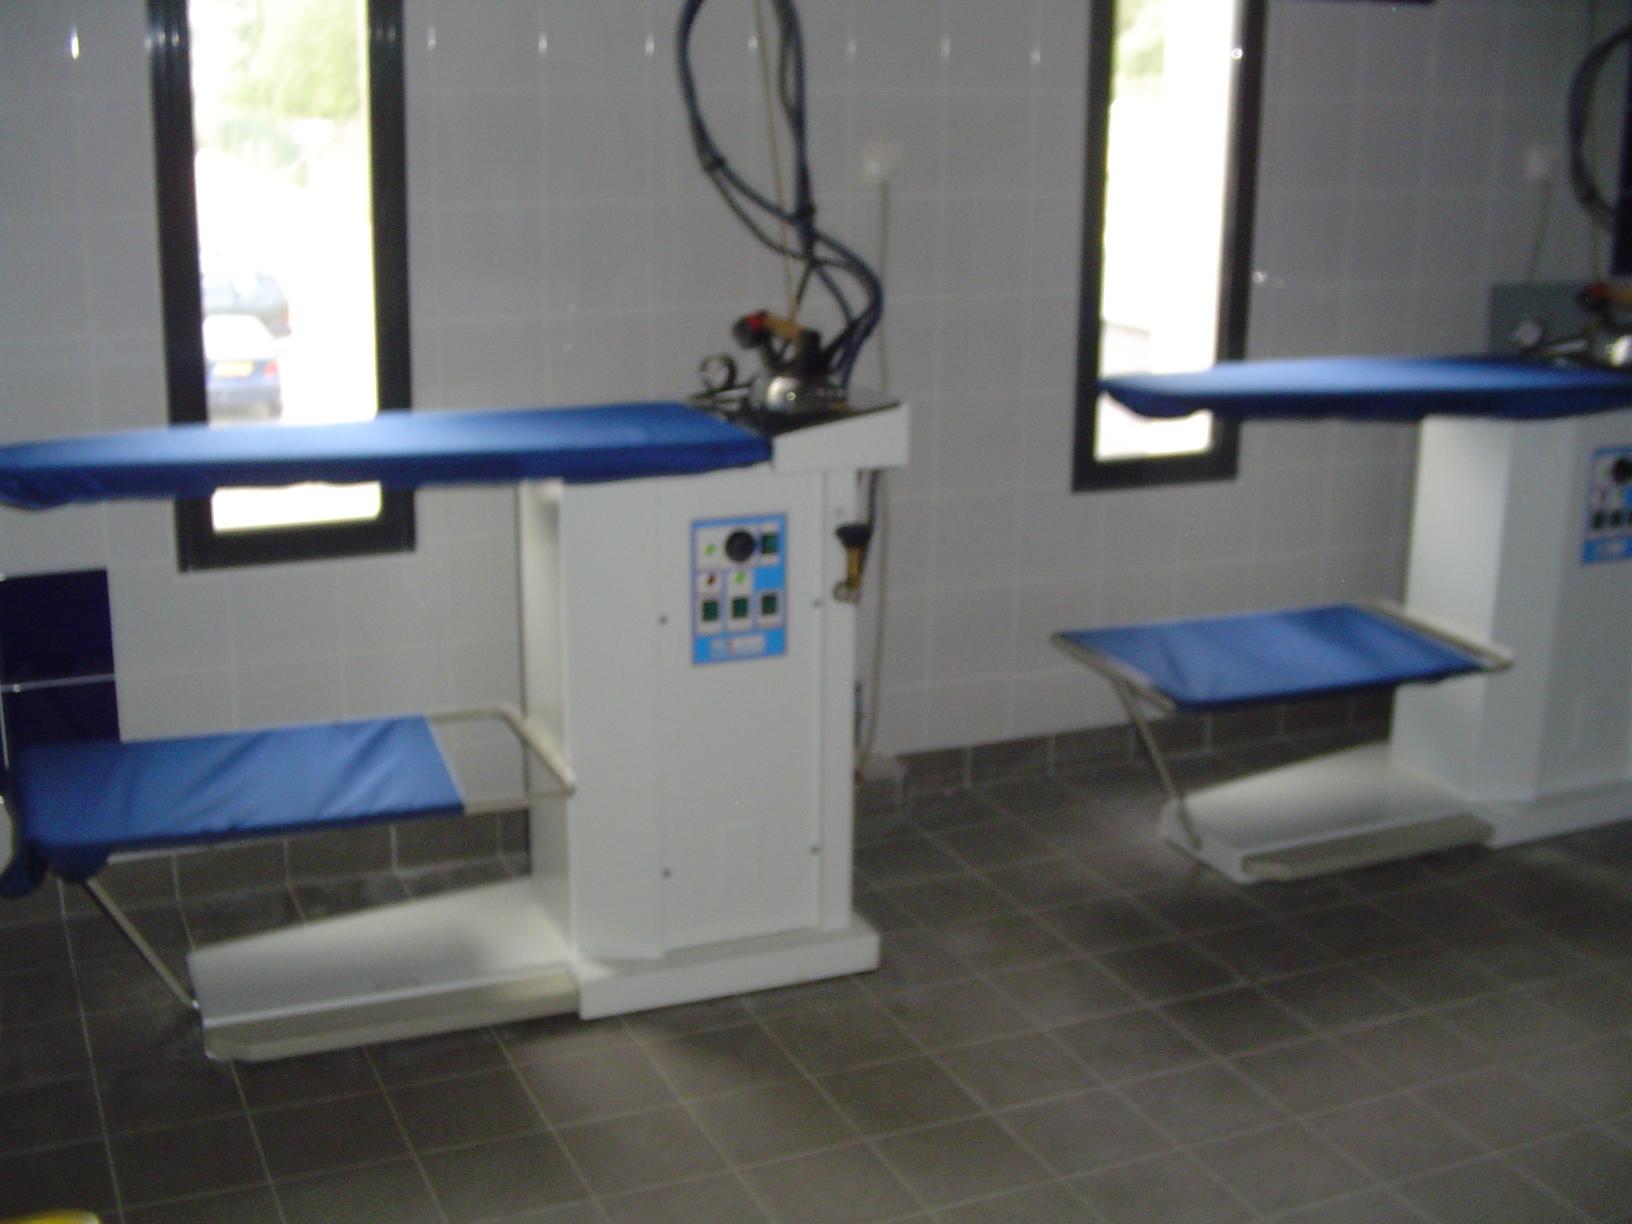 postes de repassage - tables chauffantes - centrale et fer automatiques